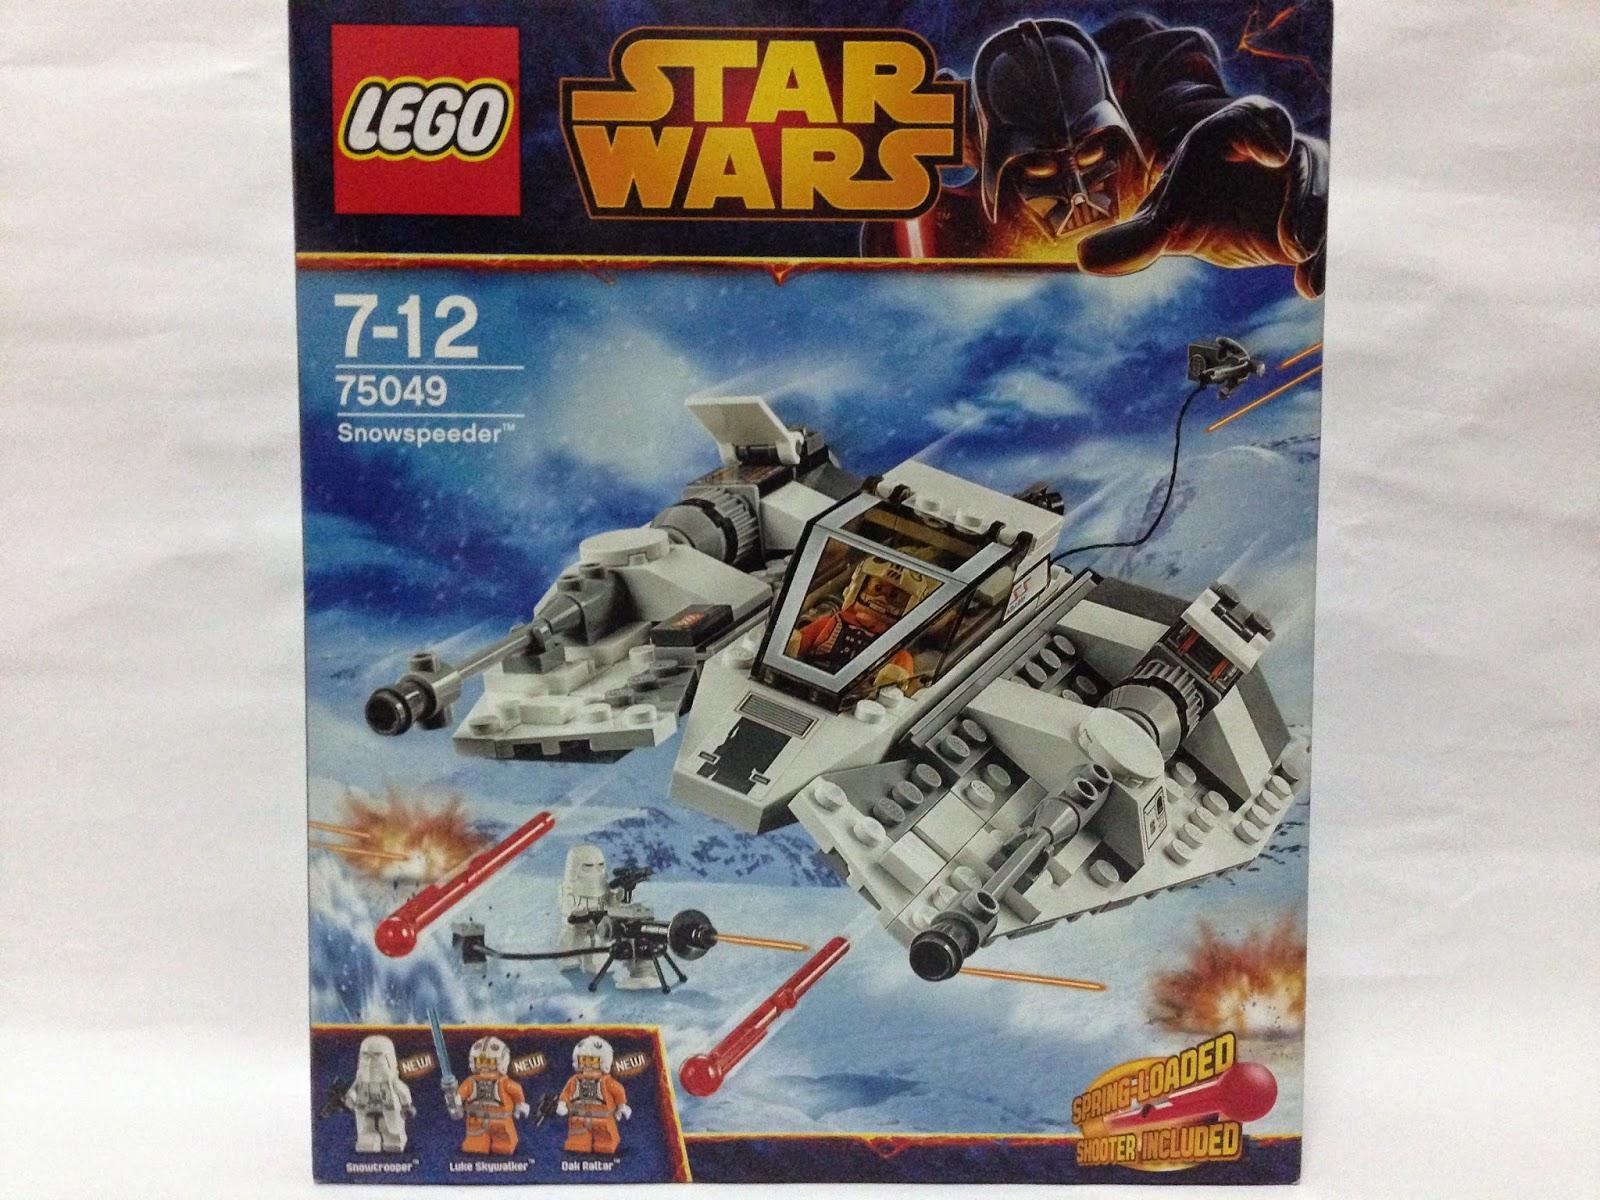 STAR WARS LEGO 75049 STICKER SHEET Snowspeeder